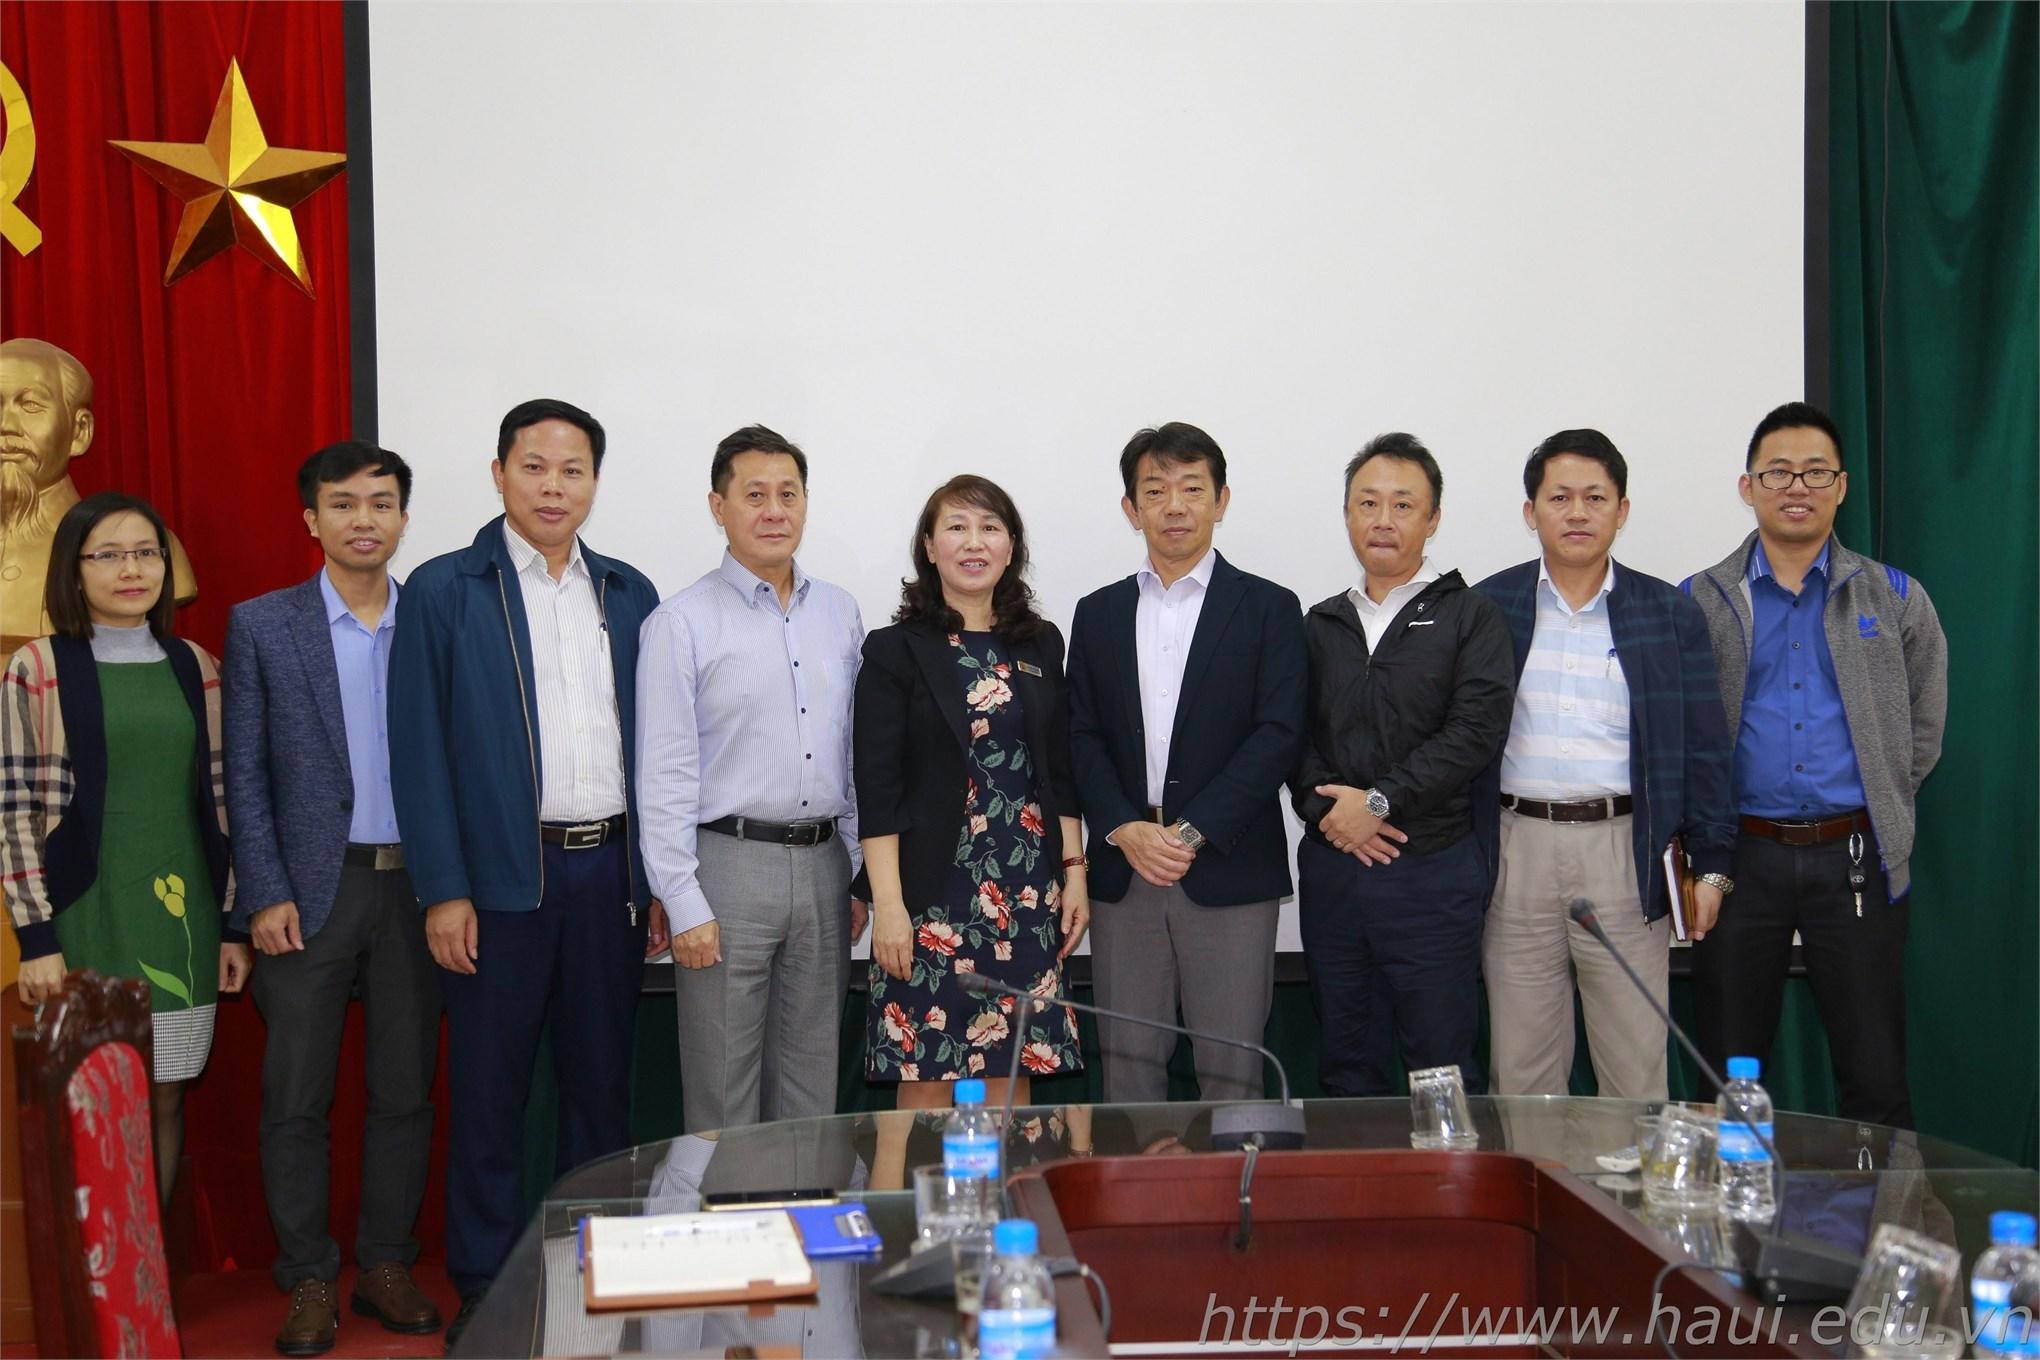 Trường Đại học Công nghiệp Hà Nội làm việc với Công ty TNHH SMC Corporation Việt Nam